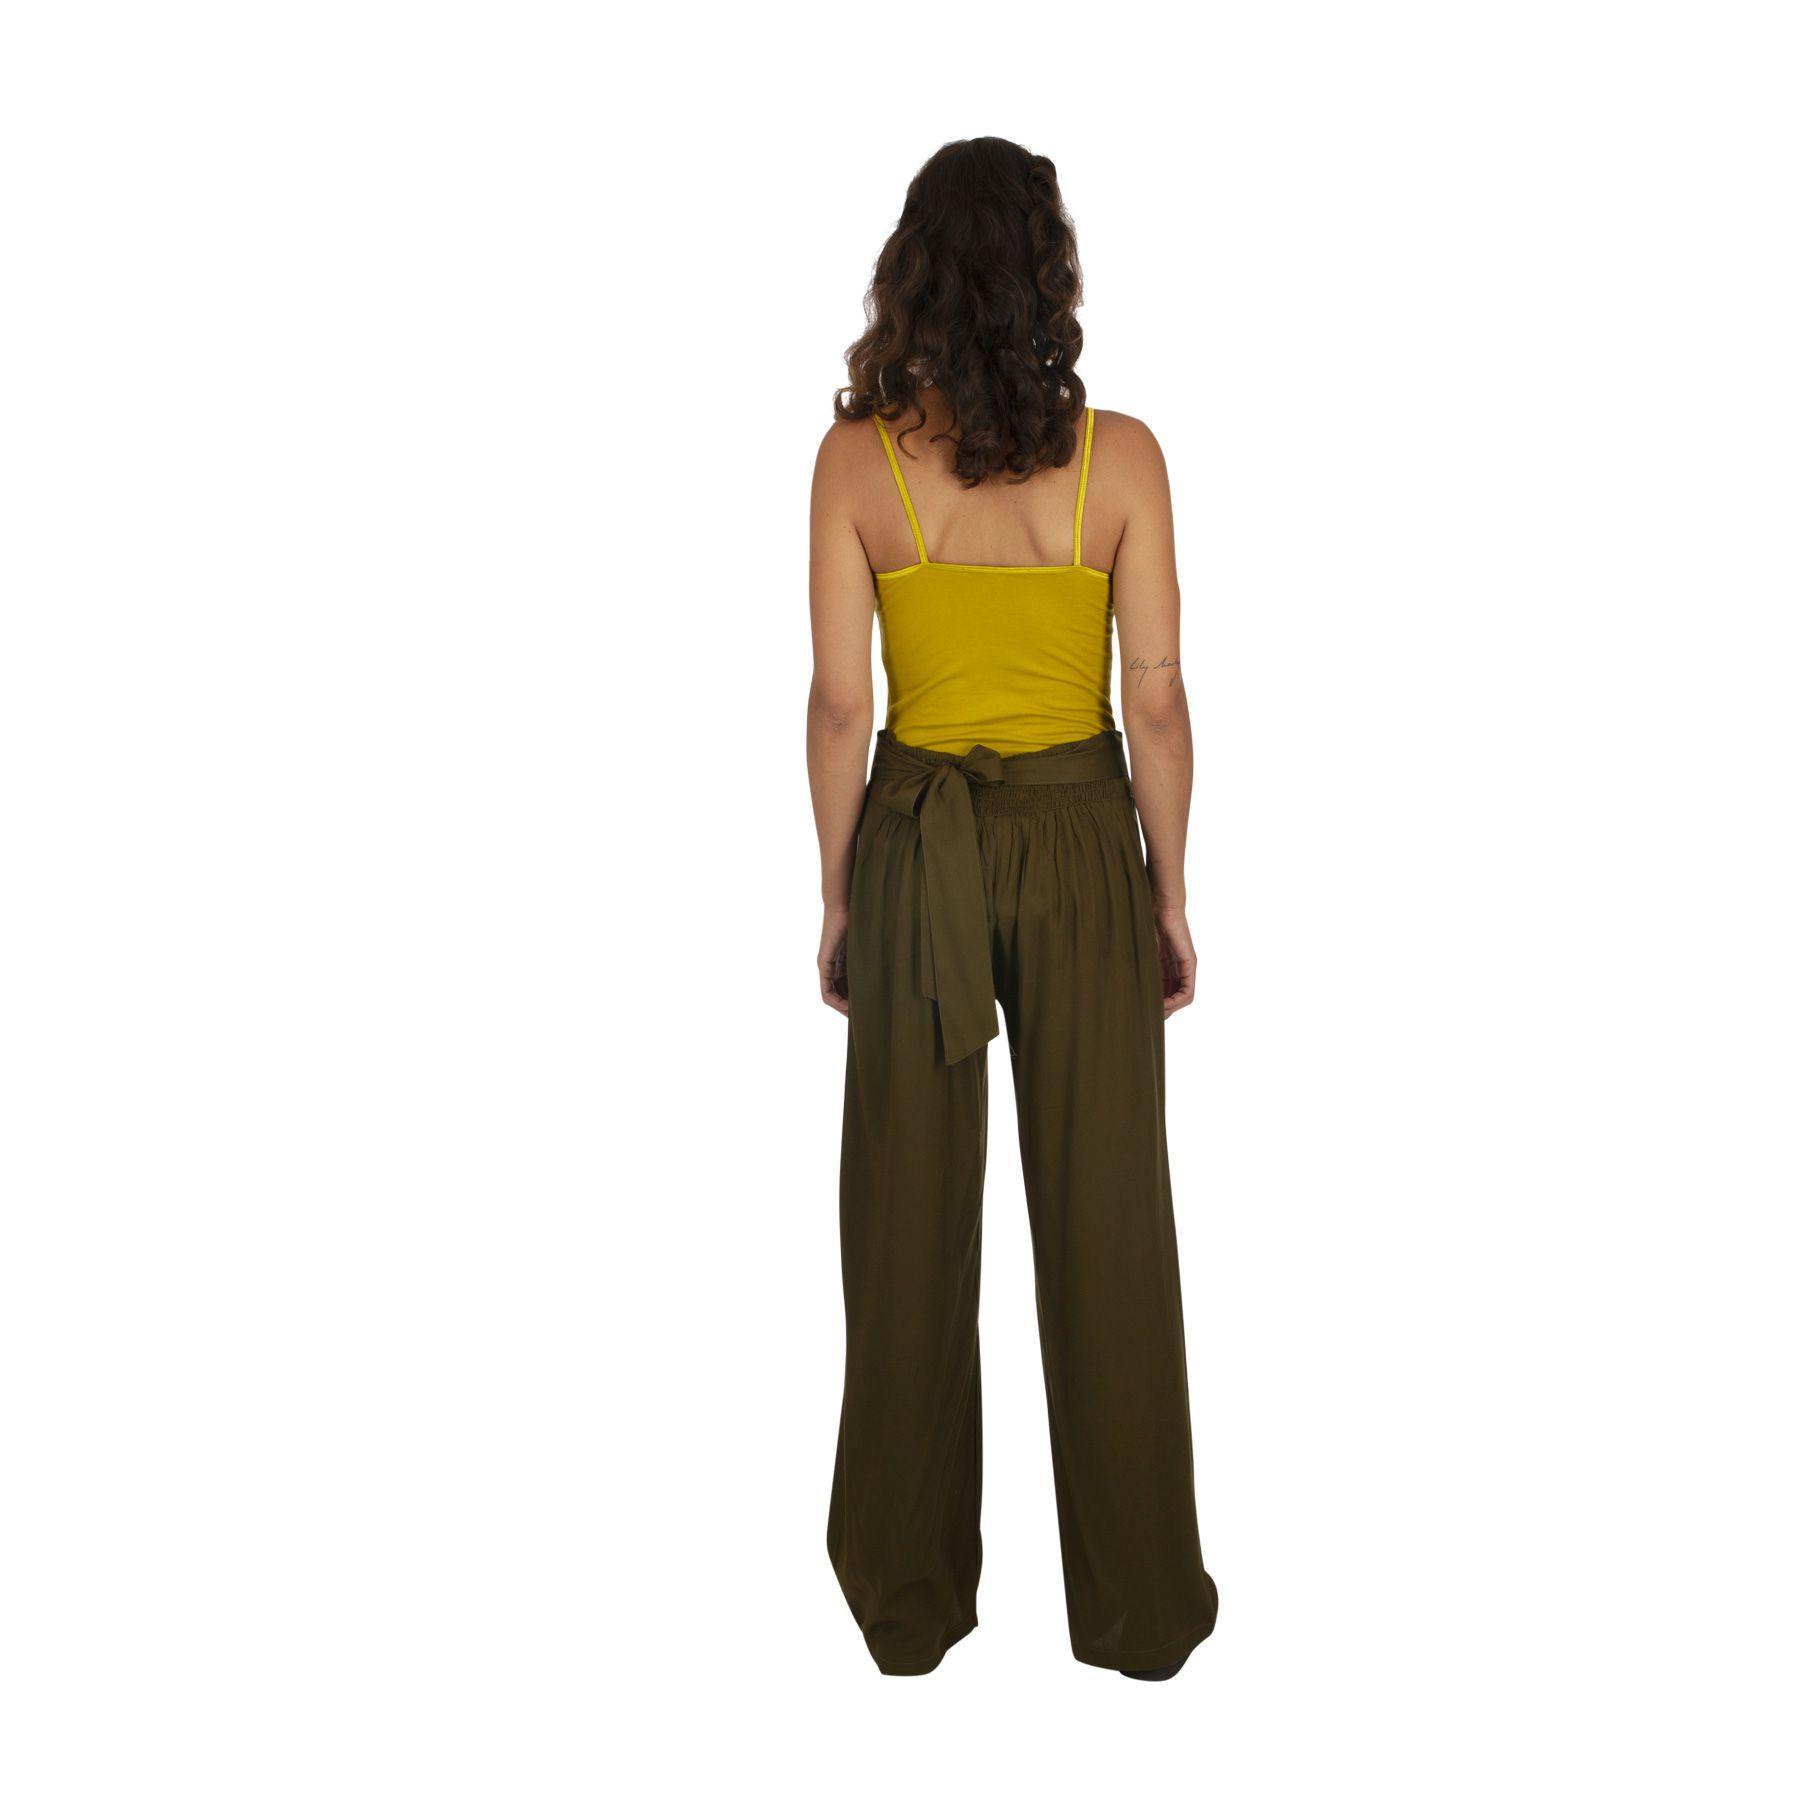 Pantalon de ville droit femme morphologie kaki pas cher Friendly 319540